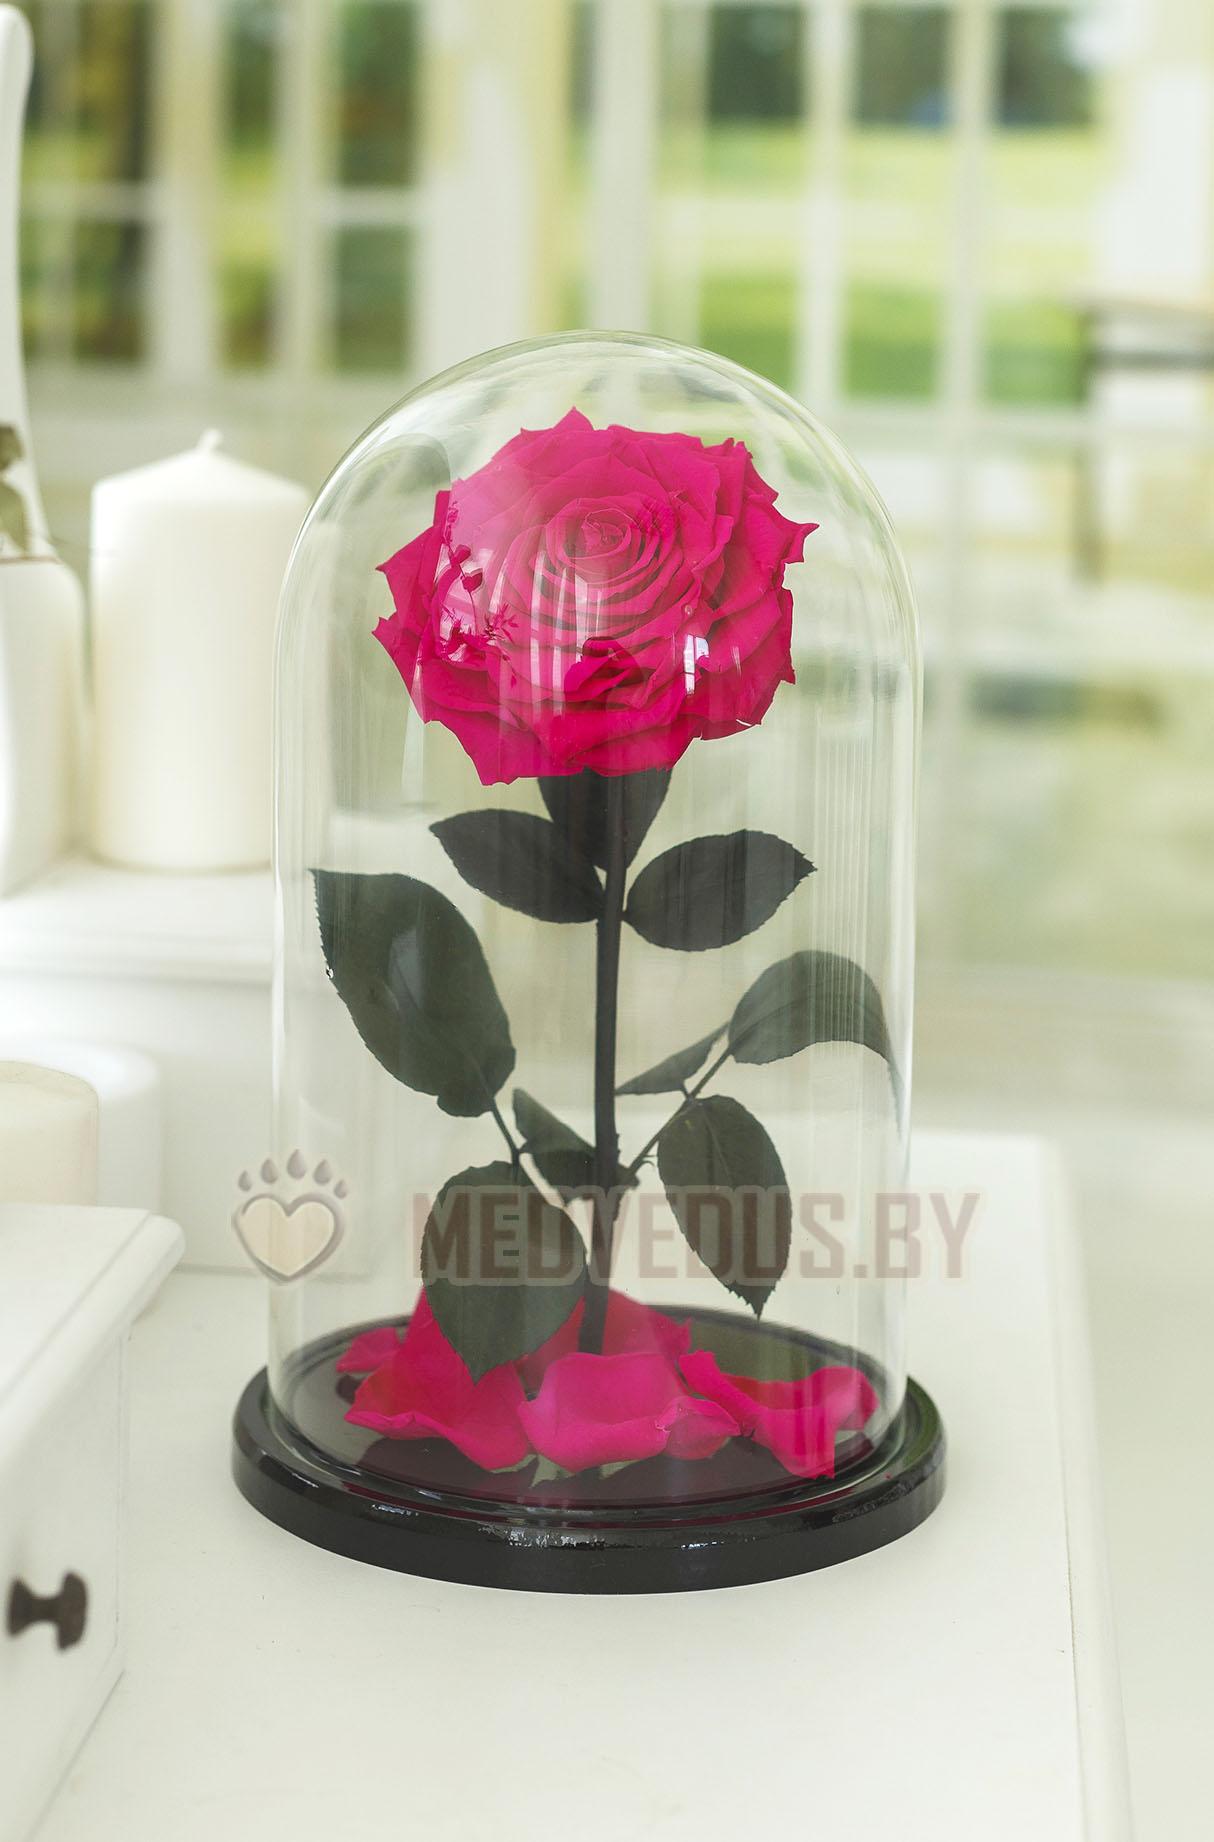 Ярко-розовая роза в колбе 32 см, Magenta Vip